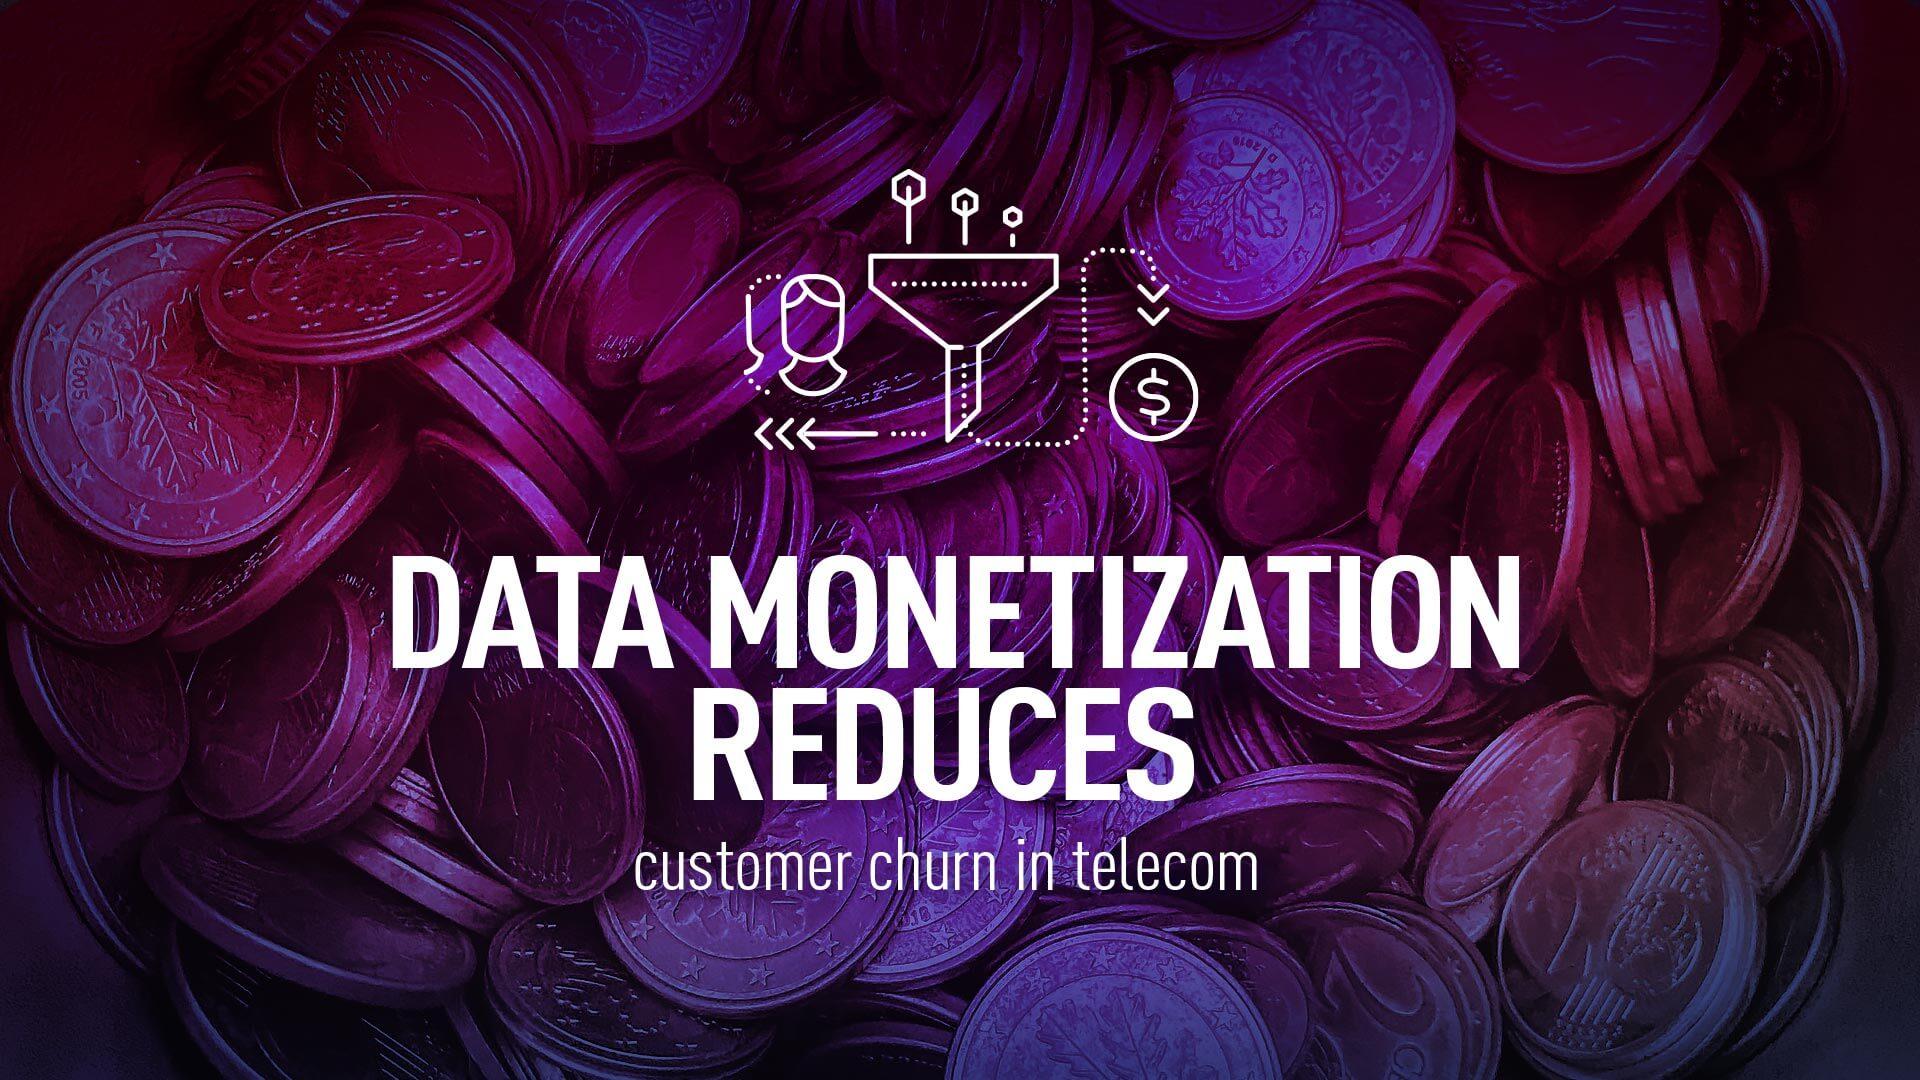 data monetization reduces customer churn